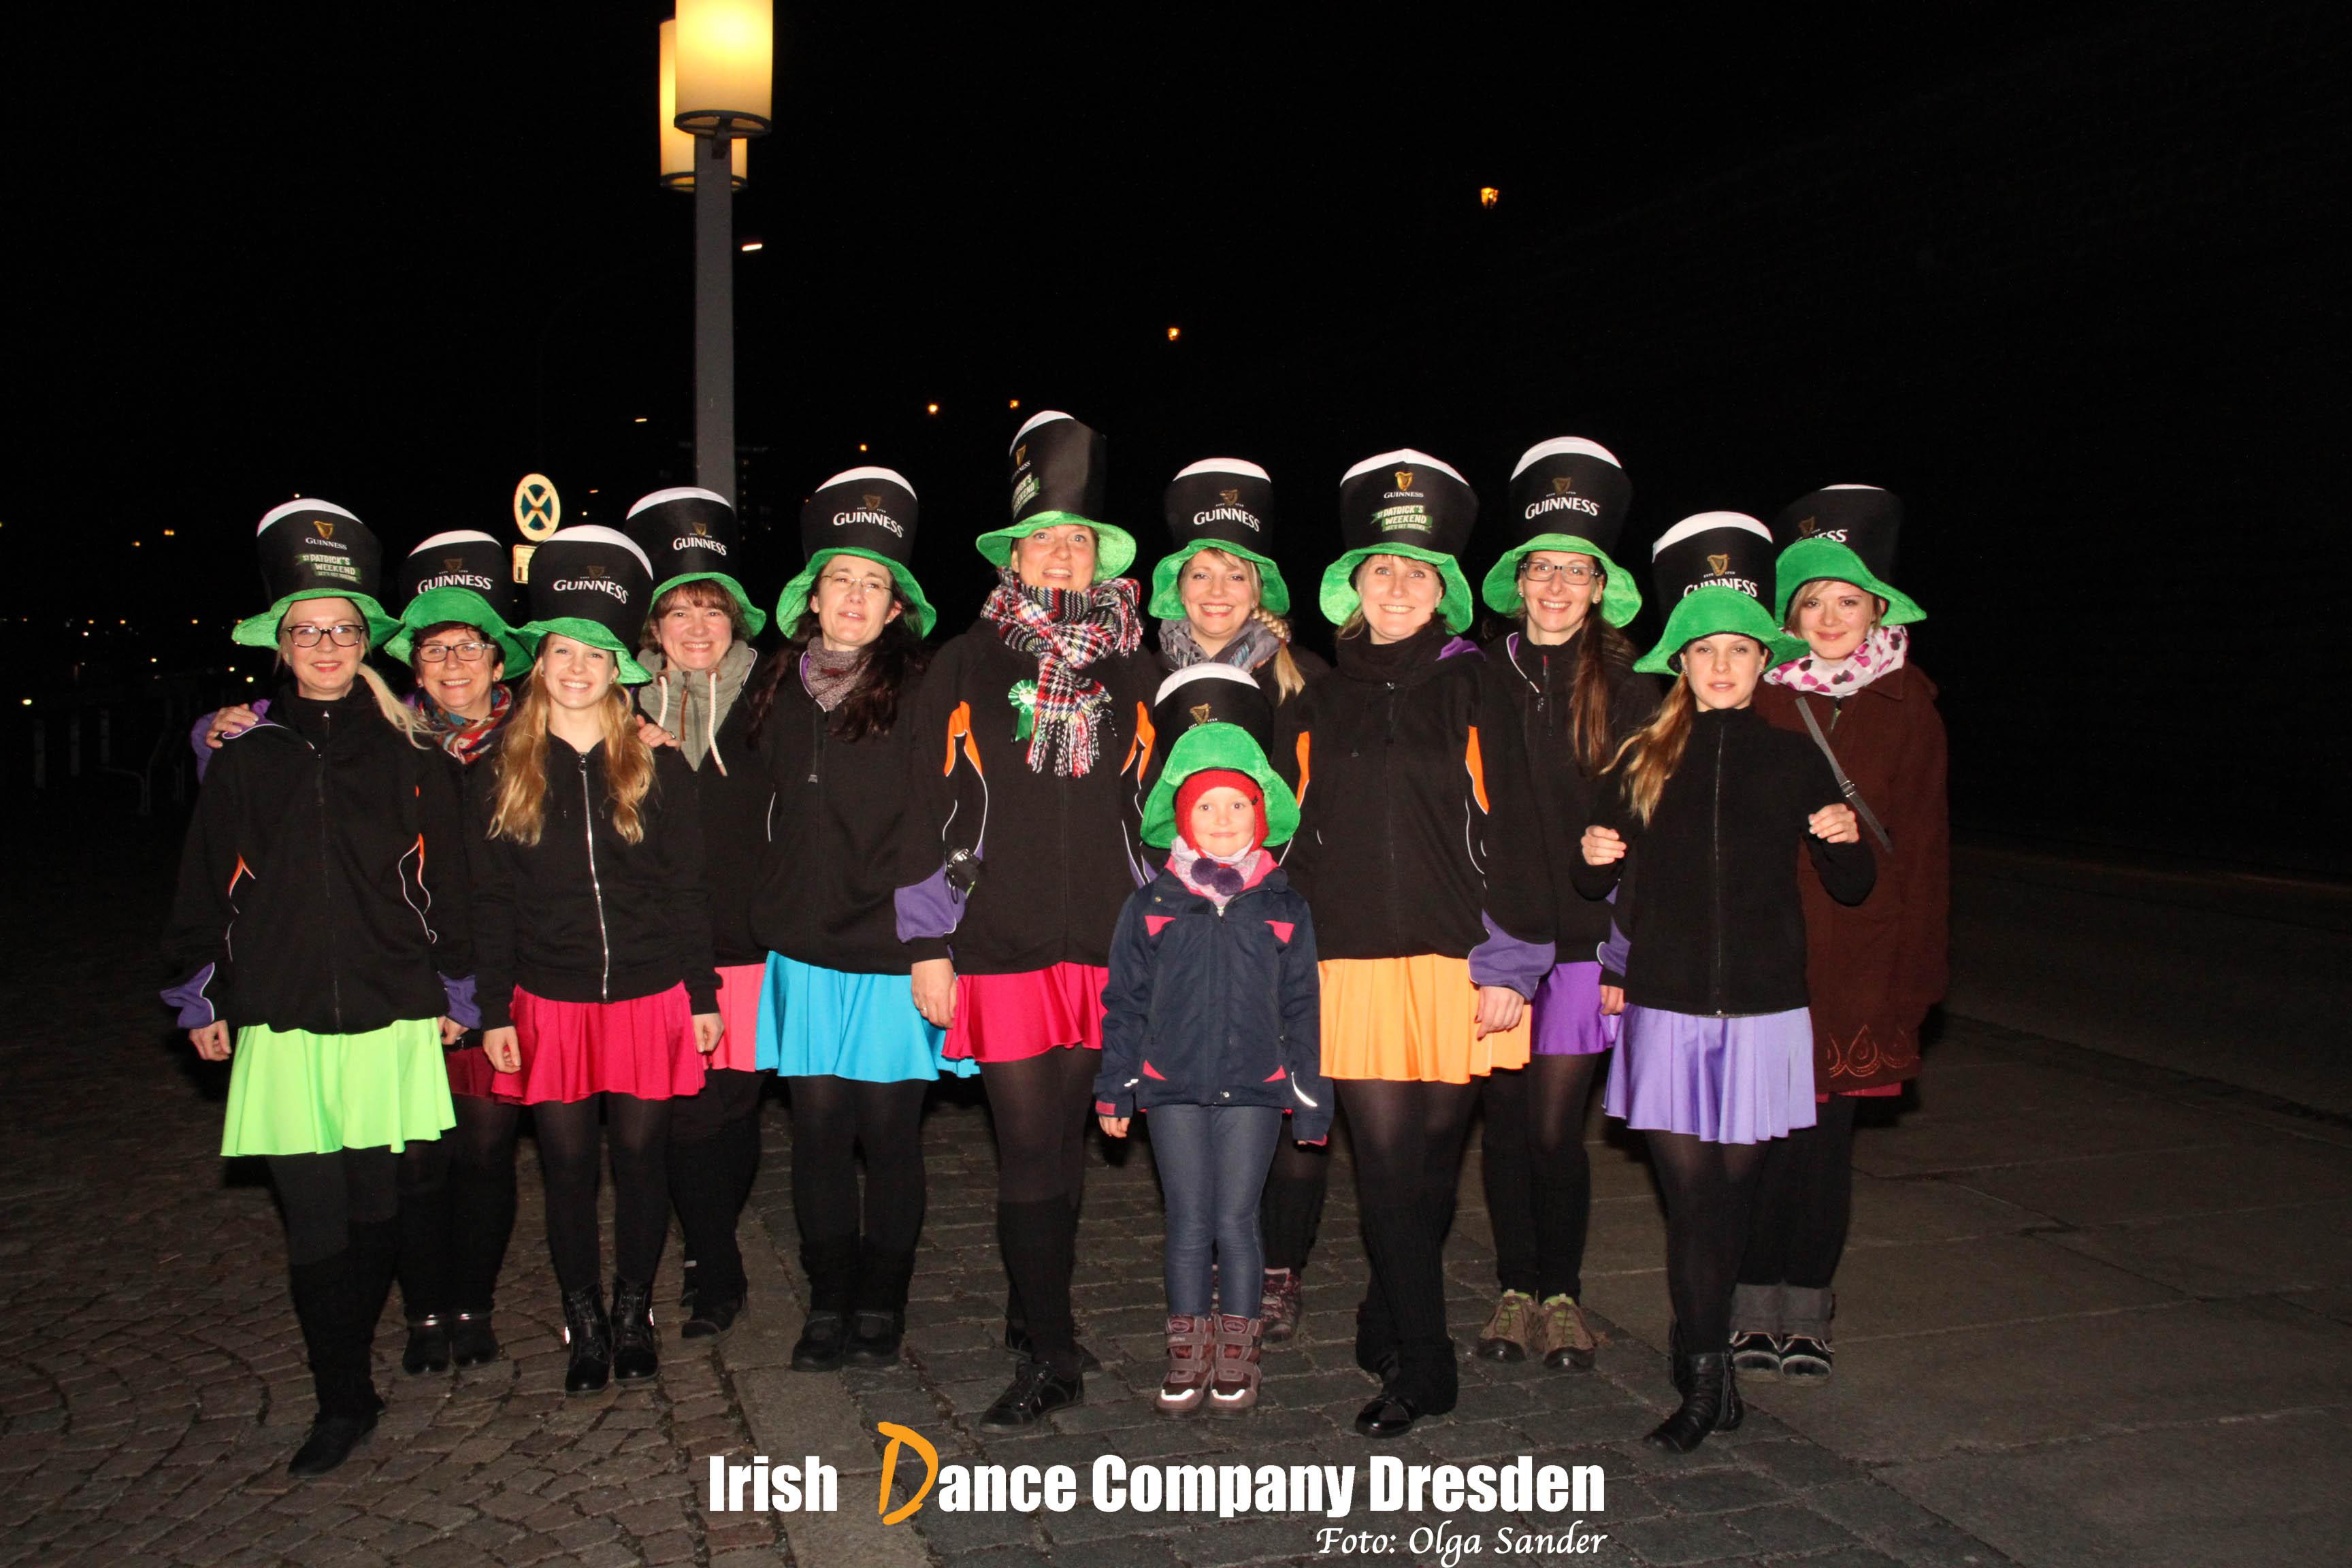 irish dance dresden